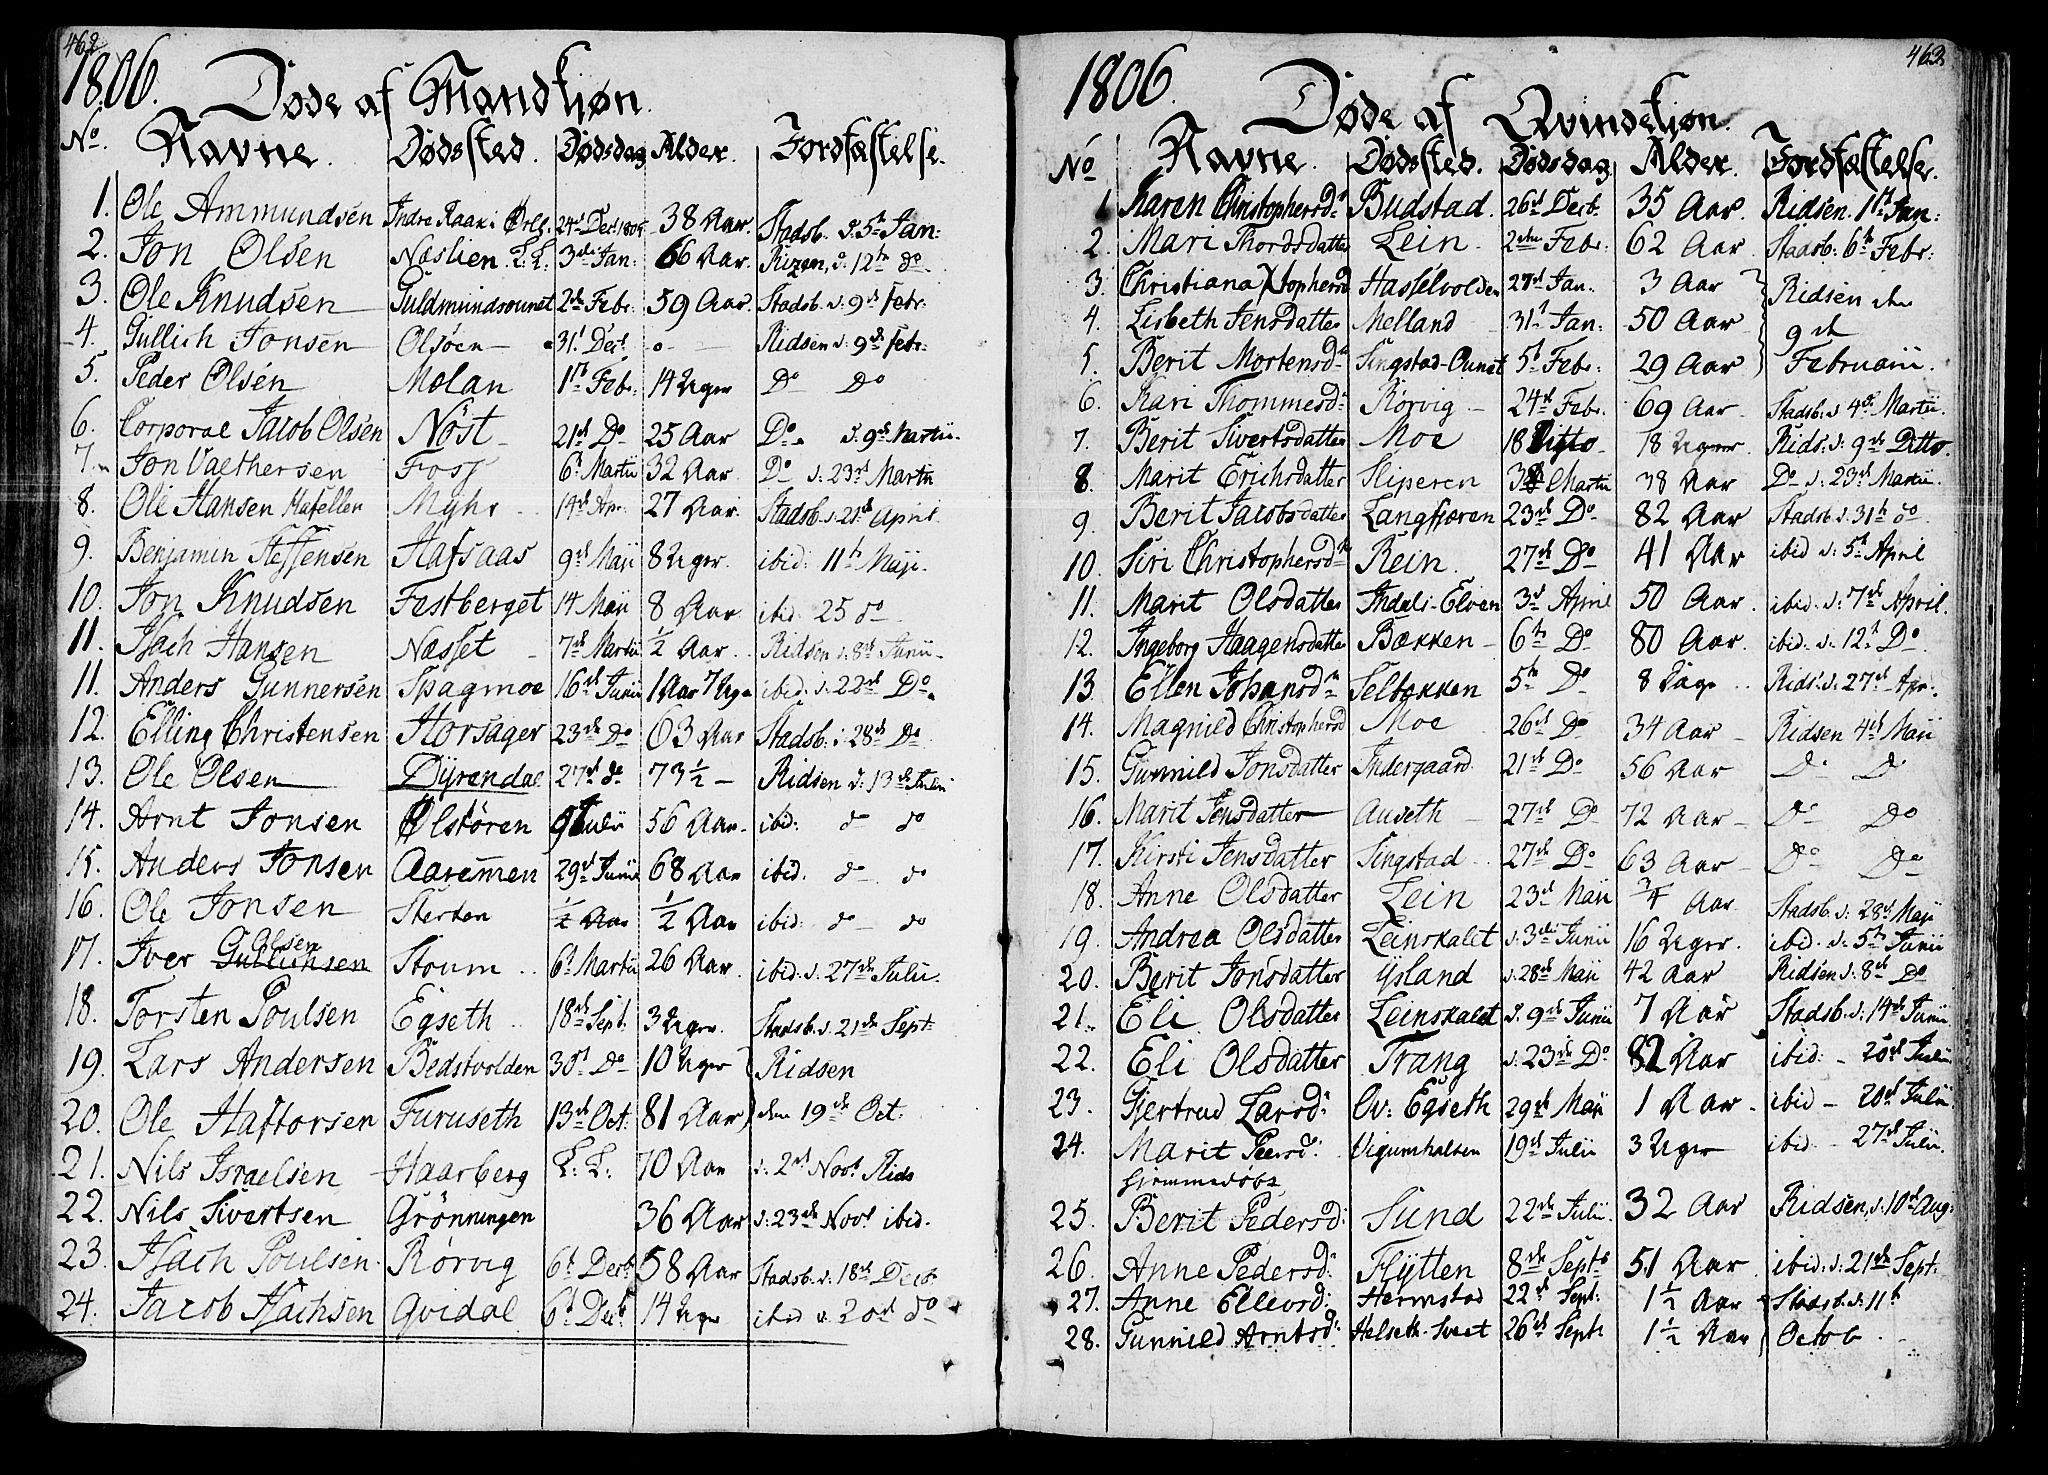 SAT, Ministerialprotokoller, klokkerbøker og fødselsregistre - Sør-Trøndelag, 646/L0607: Ministerialbok nr. 646A05, 1806-1815, s. 462-463